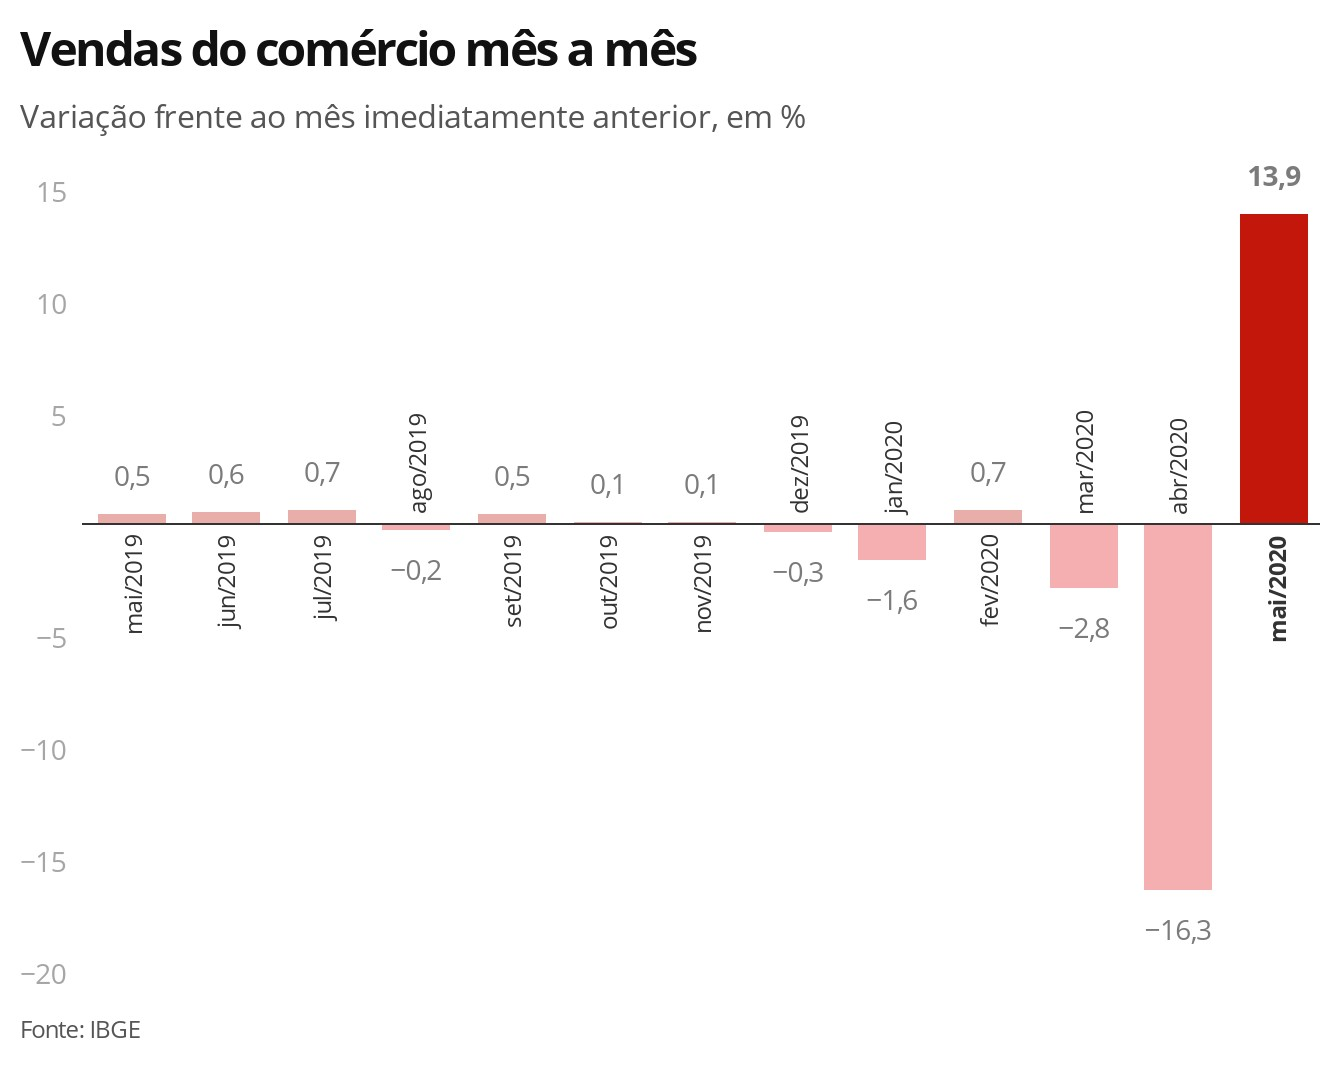 Após tombo recorde com pandemia, vendas do comércio crescem 13,9% em maio, diz IBGE